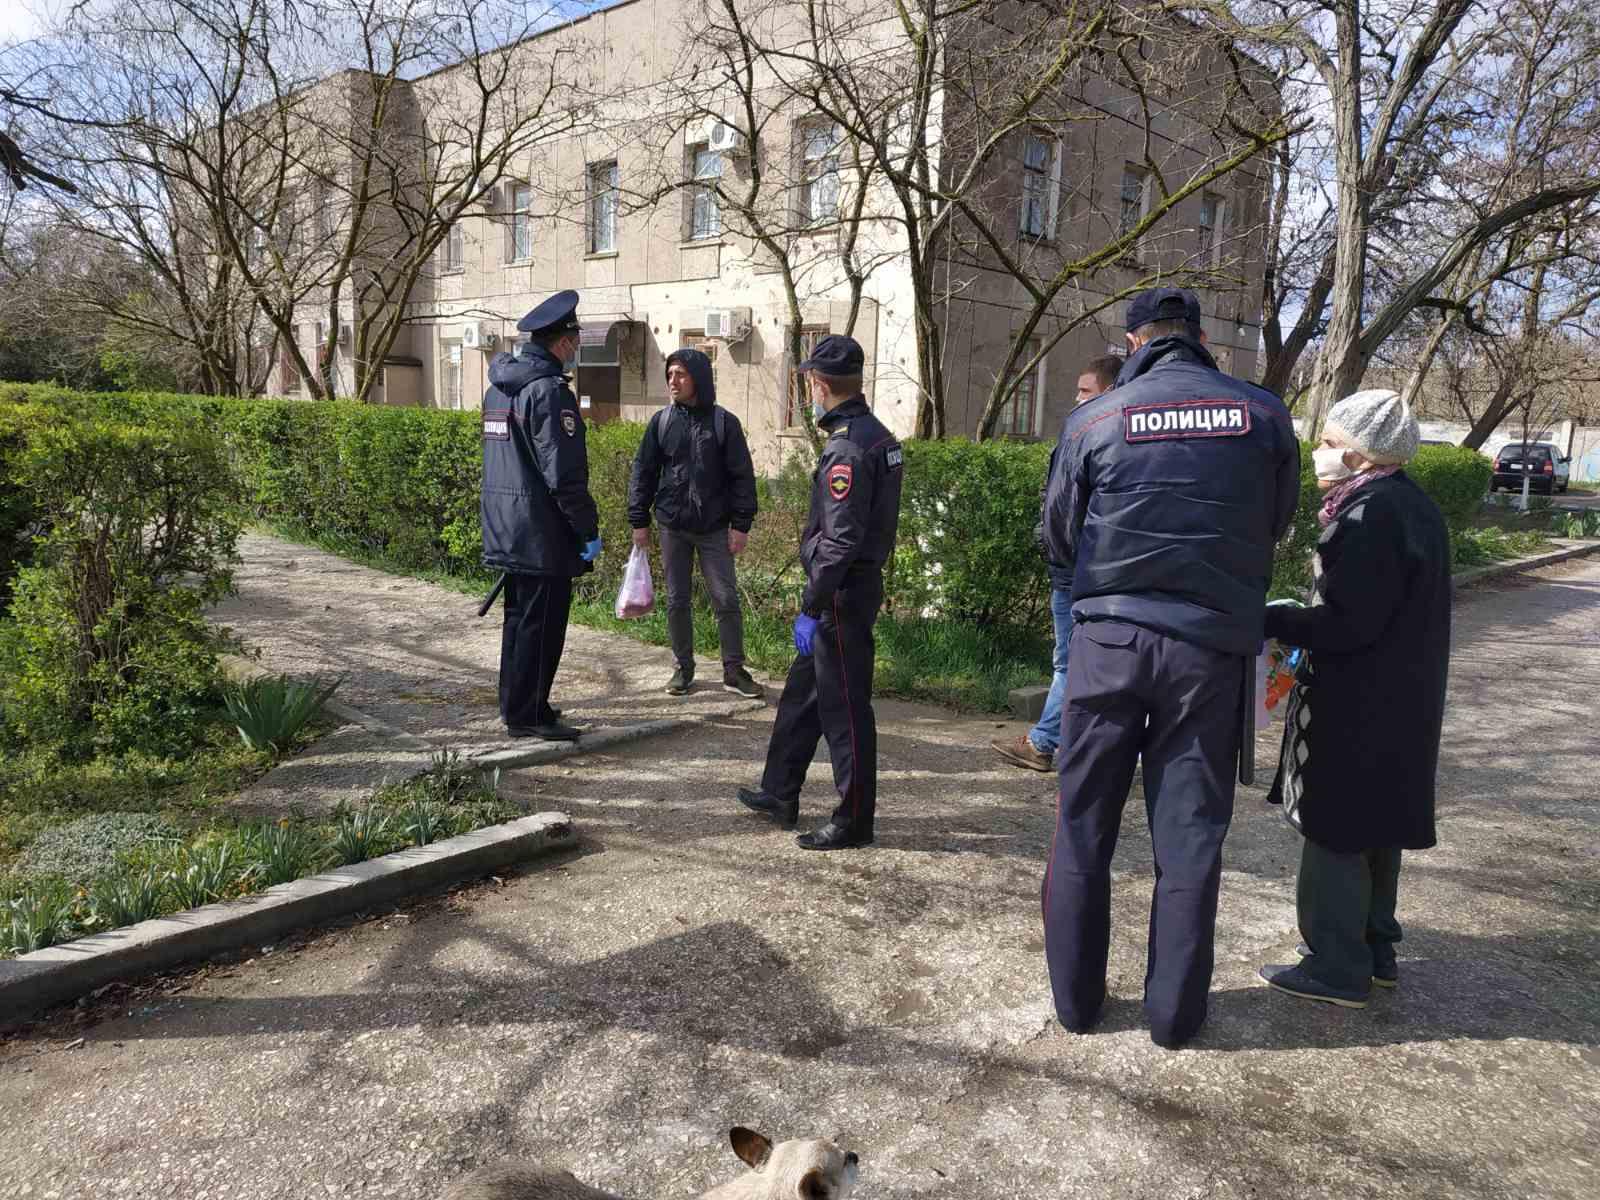 Коронавирус в Грязях: последние новости, сколько заболевших